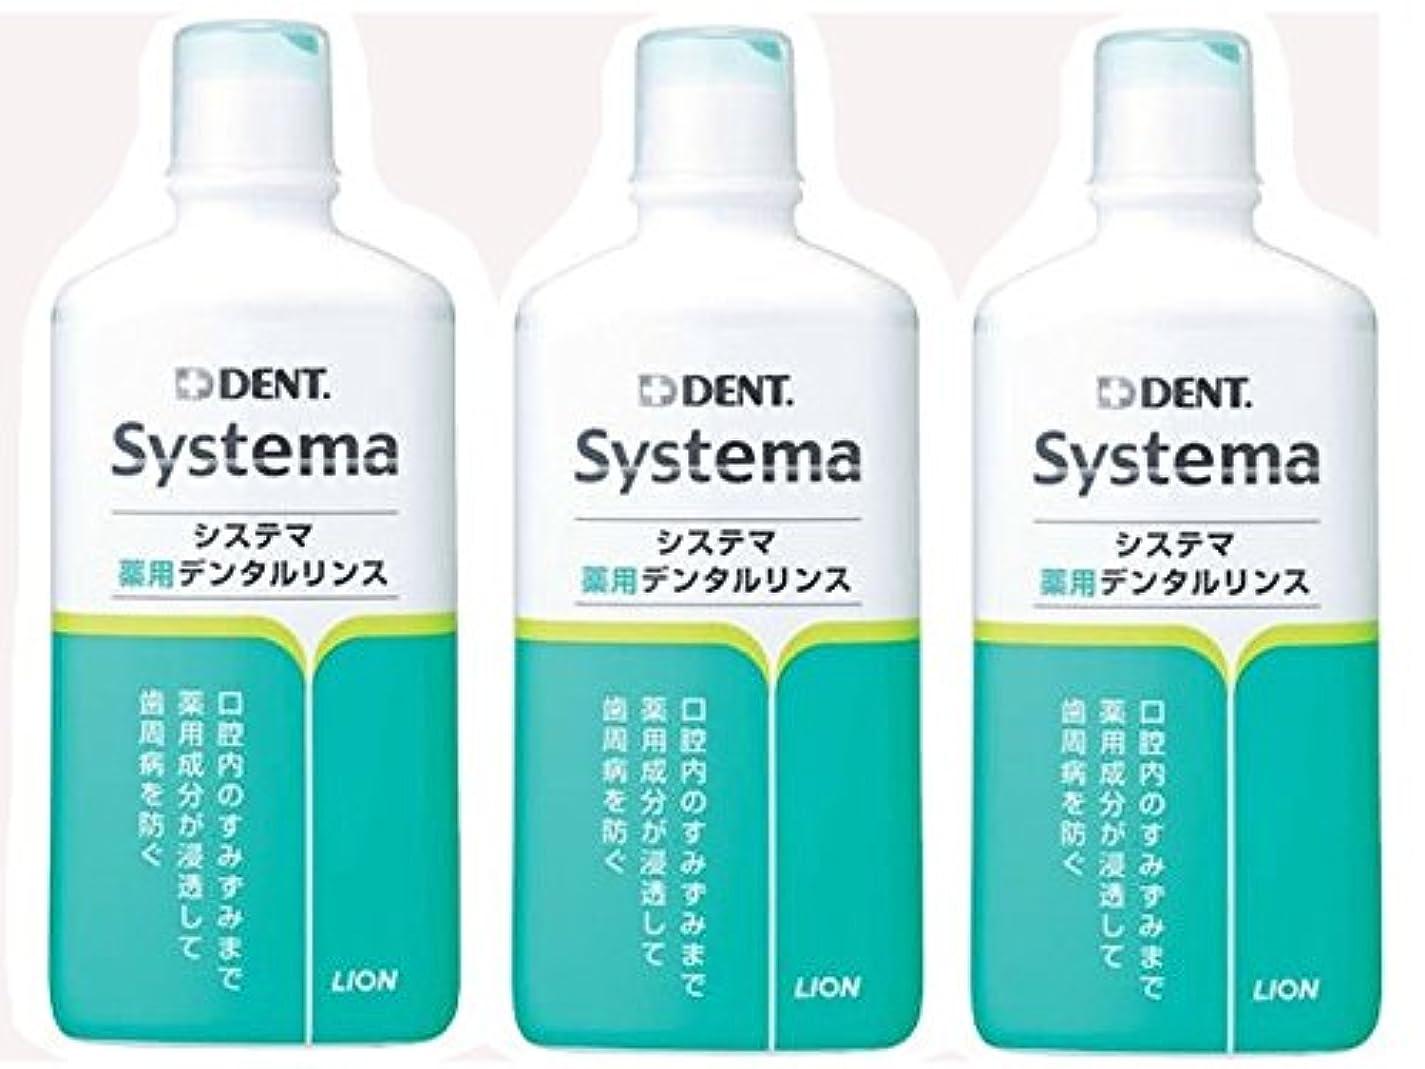 記述するレシピ先住民デント システマ 薬用デンタルリンス レギュラータイプ(アルコール配合) 450ml 3本セット